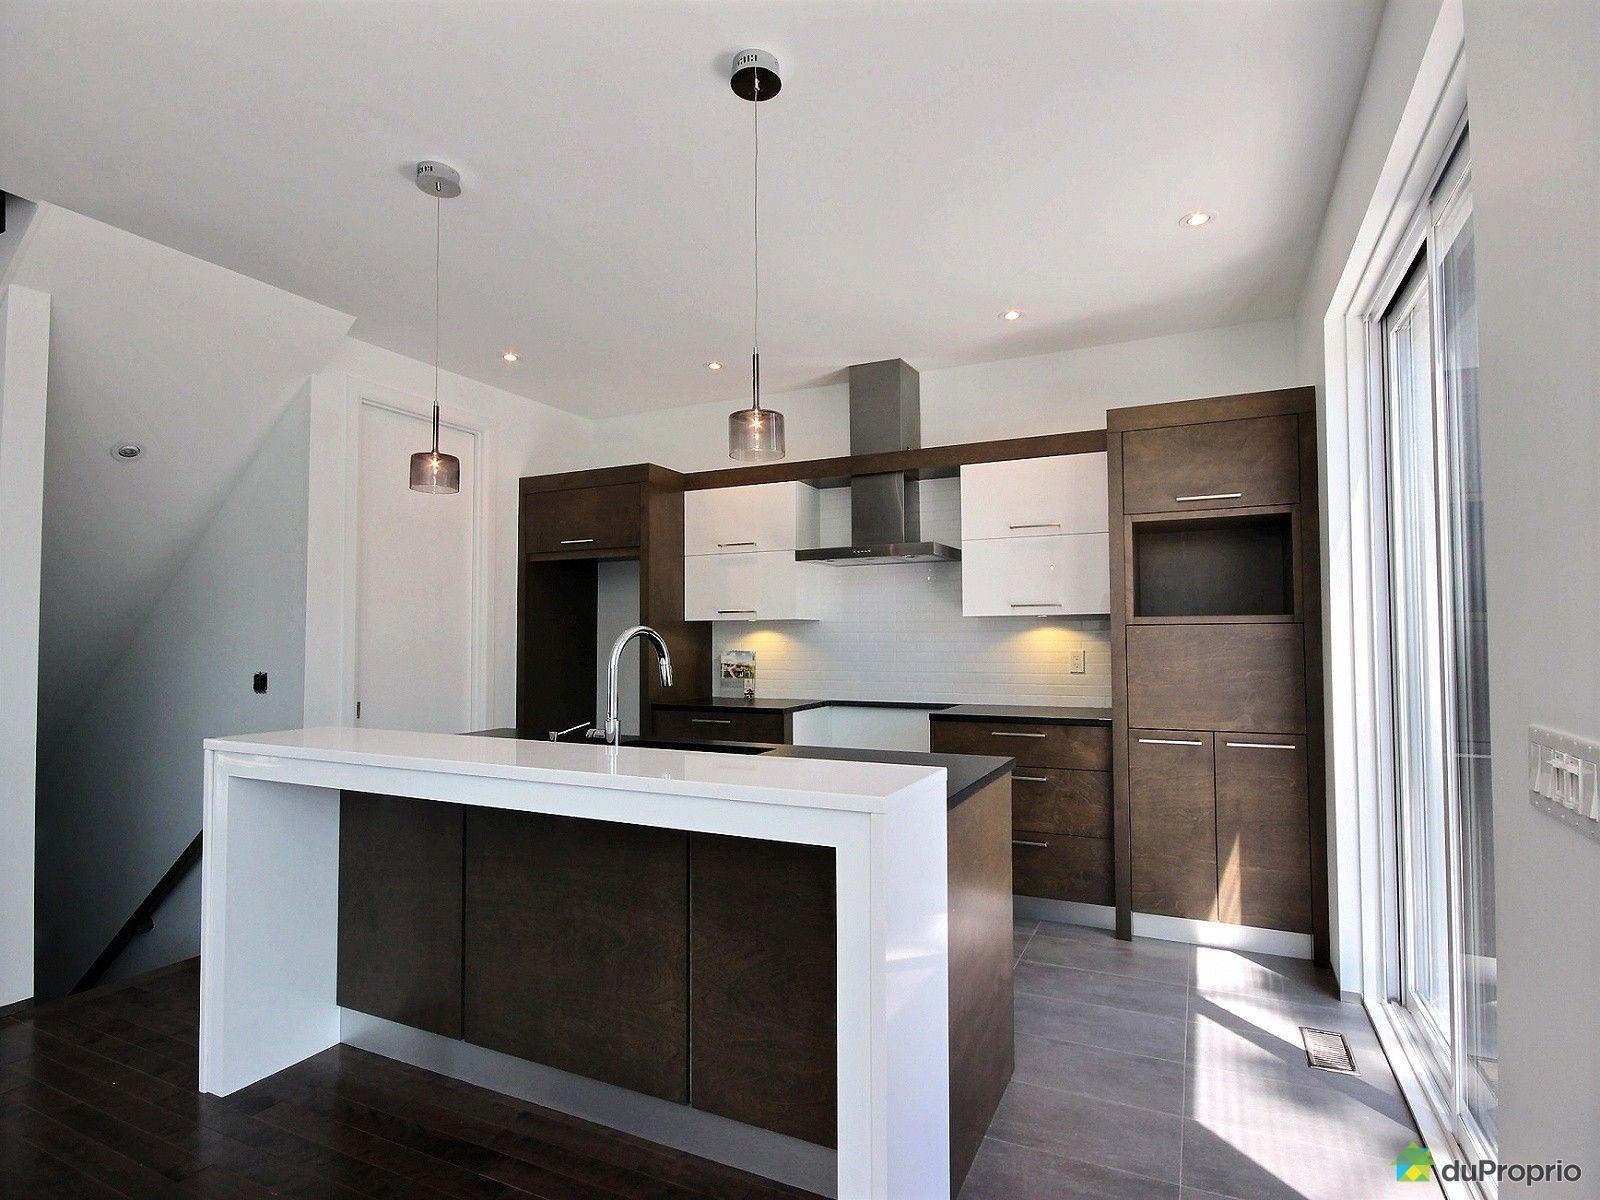 maison neuve vendre sillery 2581 avenue de parc falaise immobilier qu bec duproprio 526637. Black Bedroom Furniture Sets. Home Design Ideas